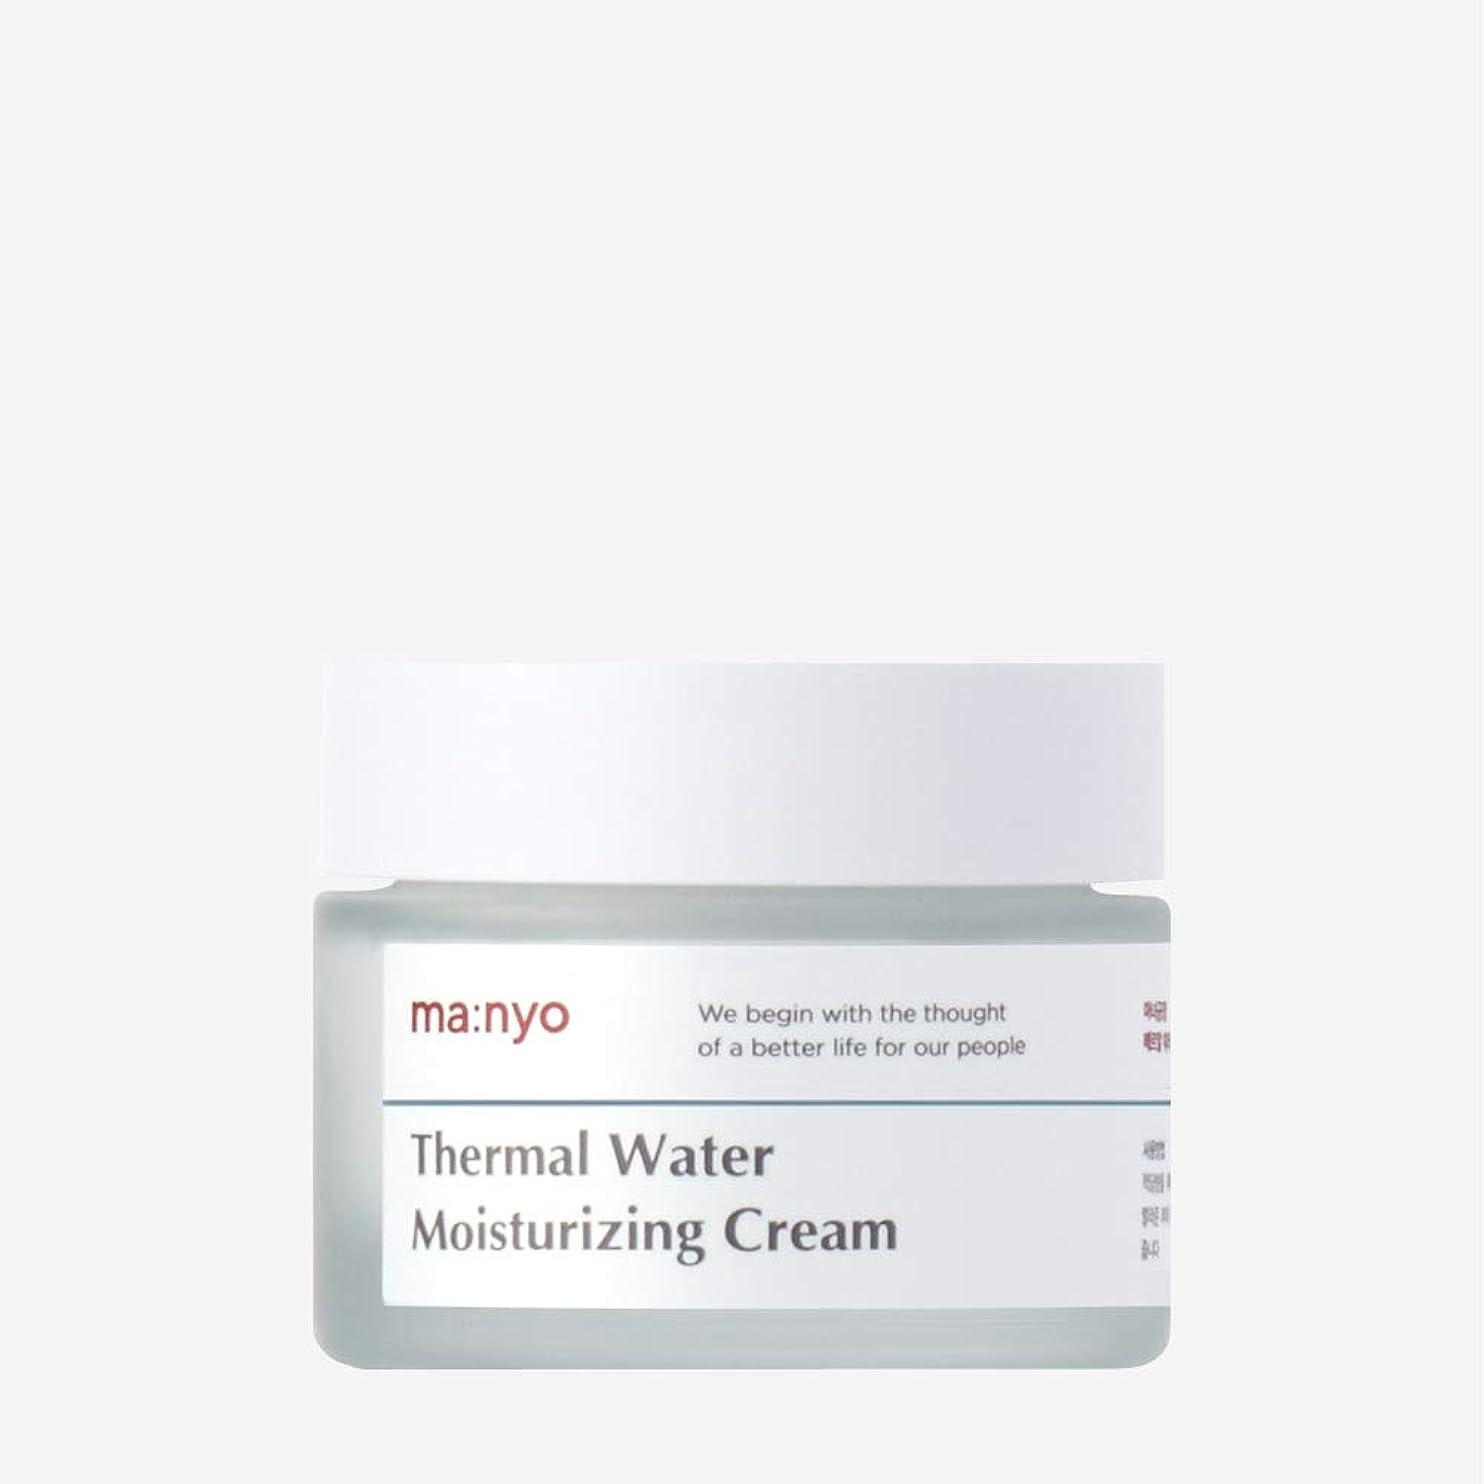 離れた髄矢印魔女工場(Manyo Factory) 温泉水ミネラルクリーム 50ml / 天然ミネラル、チェコ温泉水67%で保湿補充